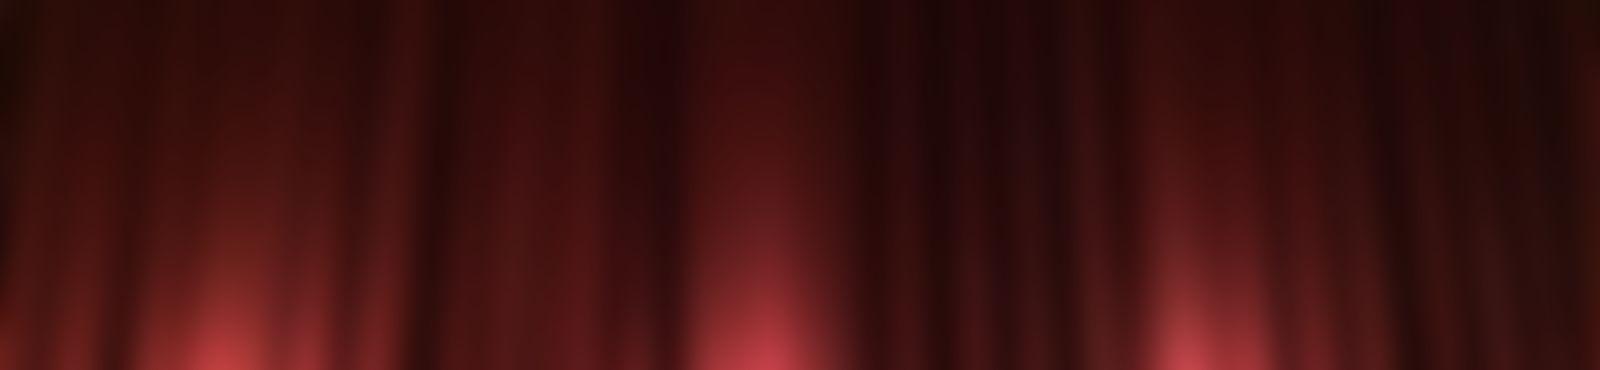 Blurred c6b38b37 e3f6 4e7e b069 915ba3e794e1